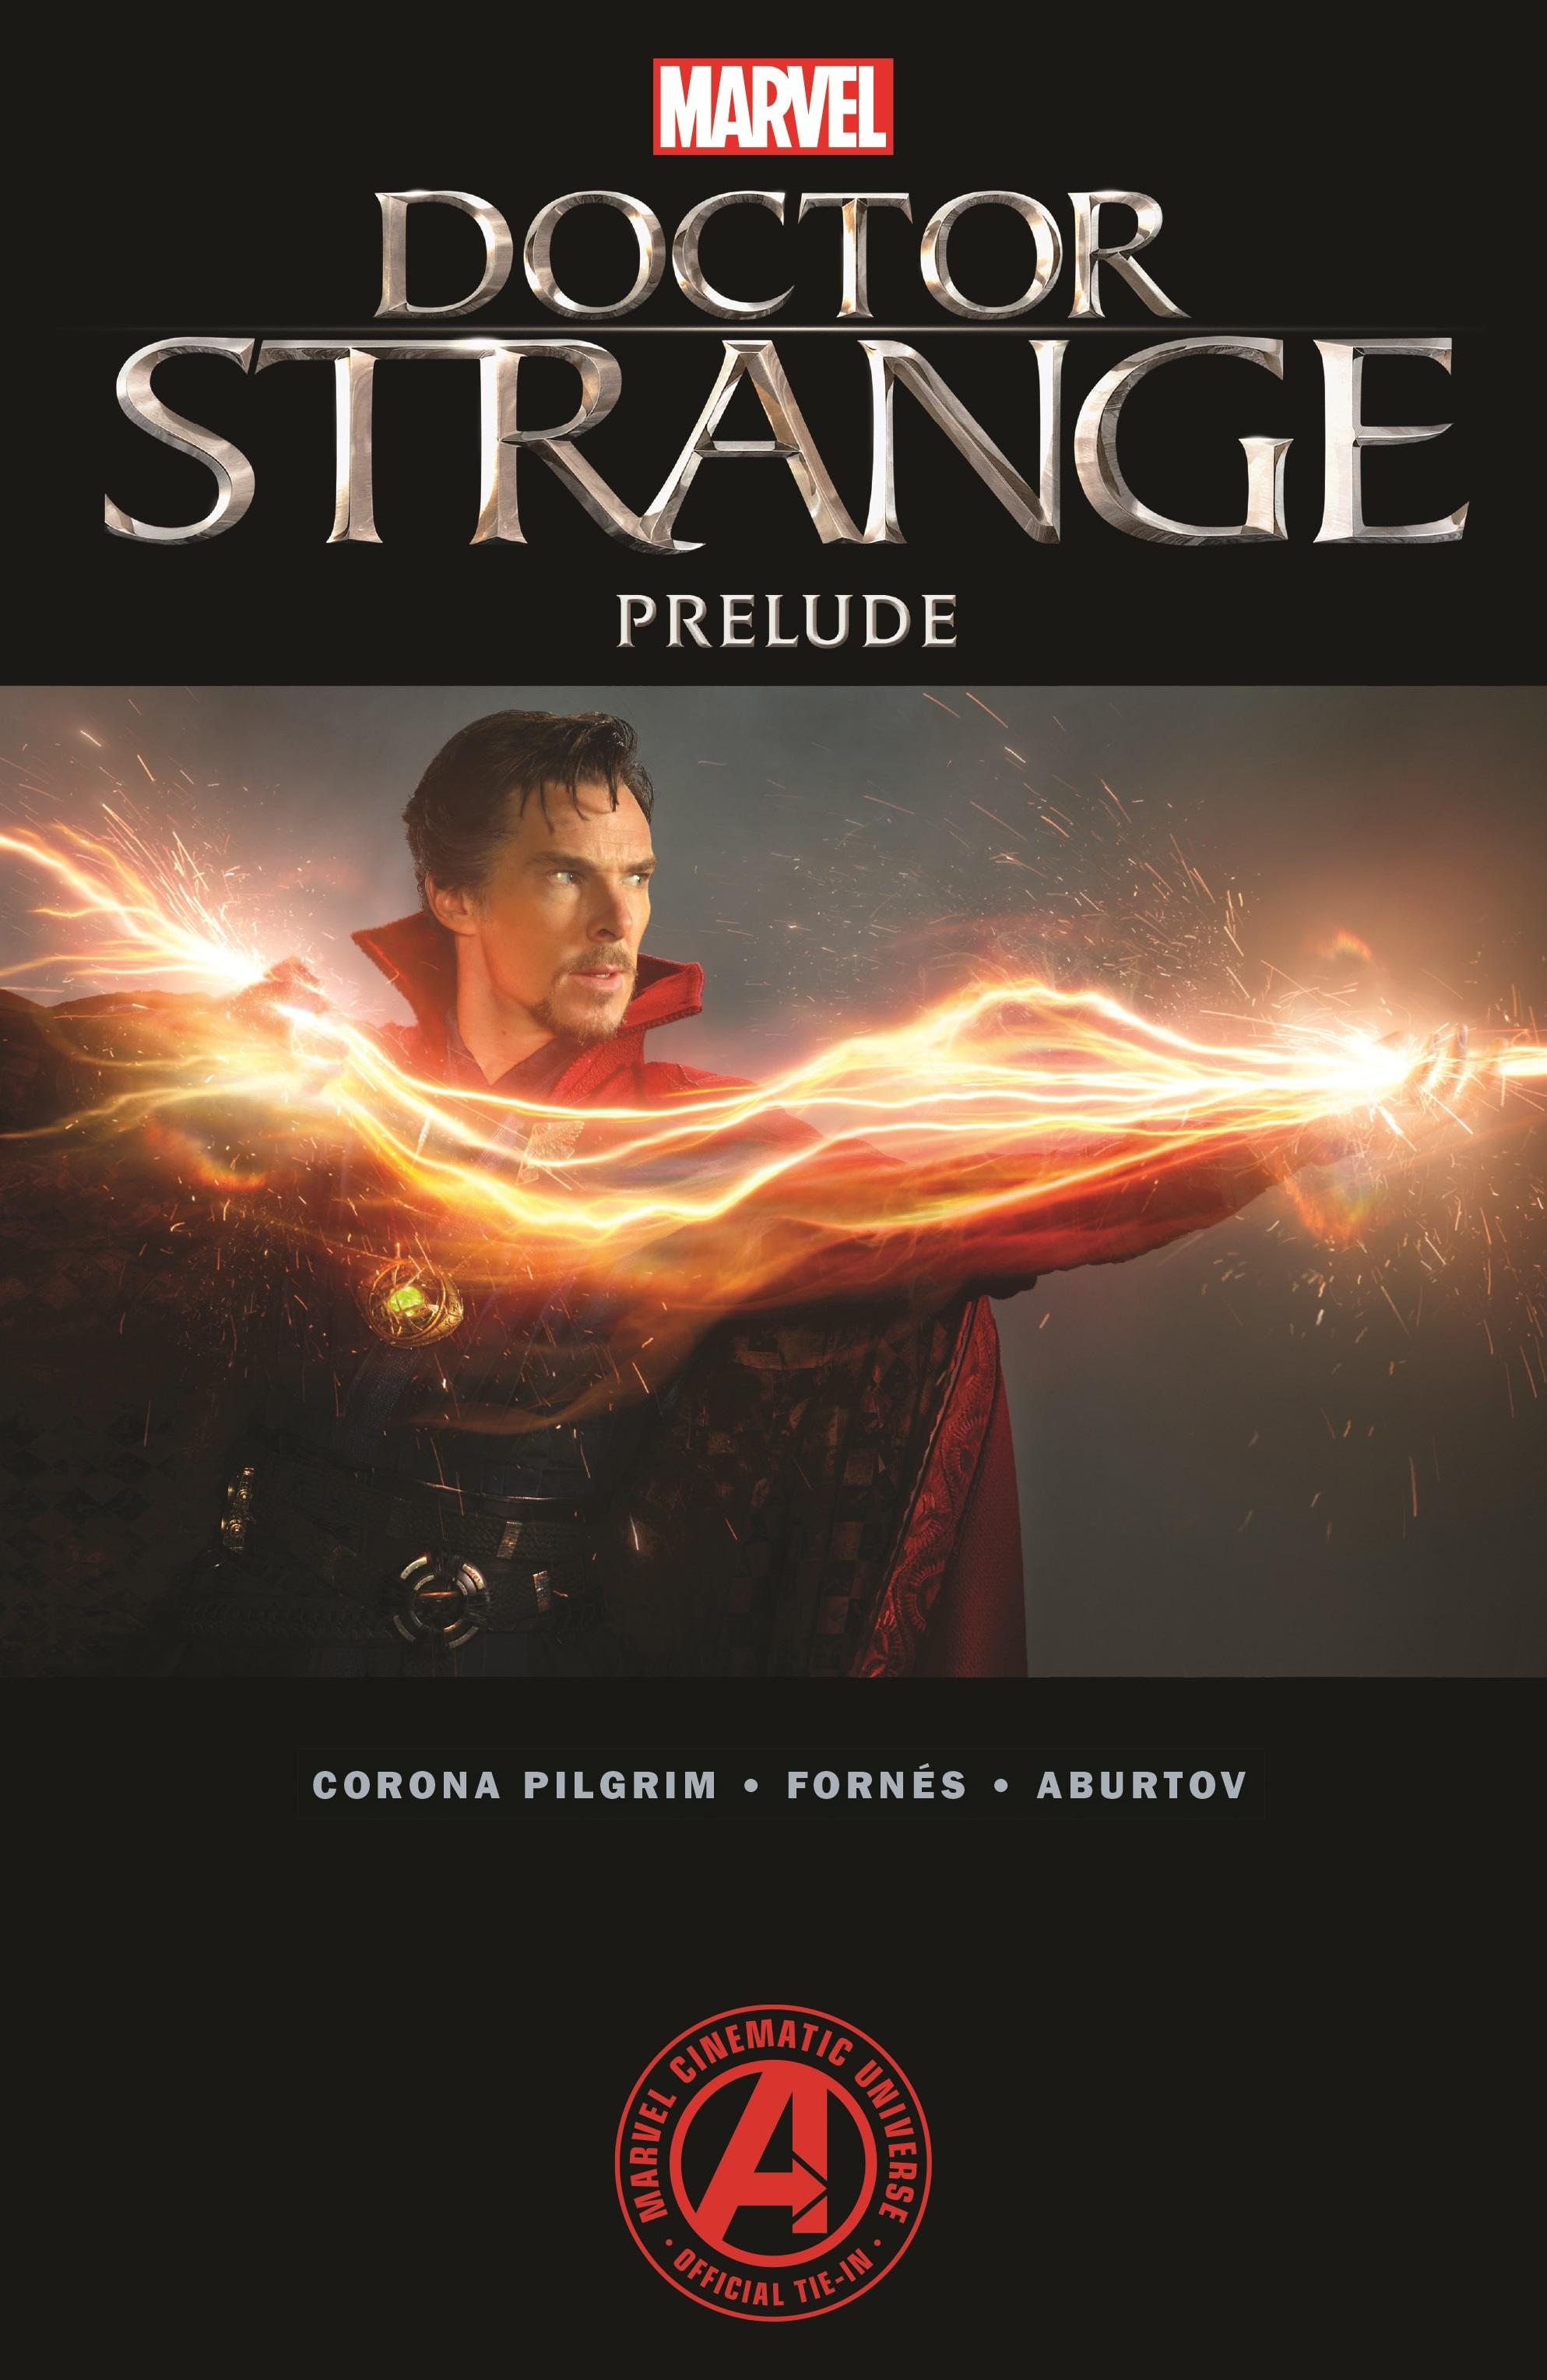 Marvel's Doctor Strange Prelude (Trade Paperback)